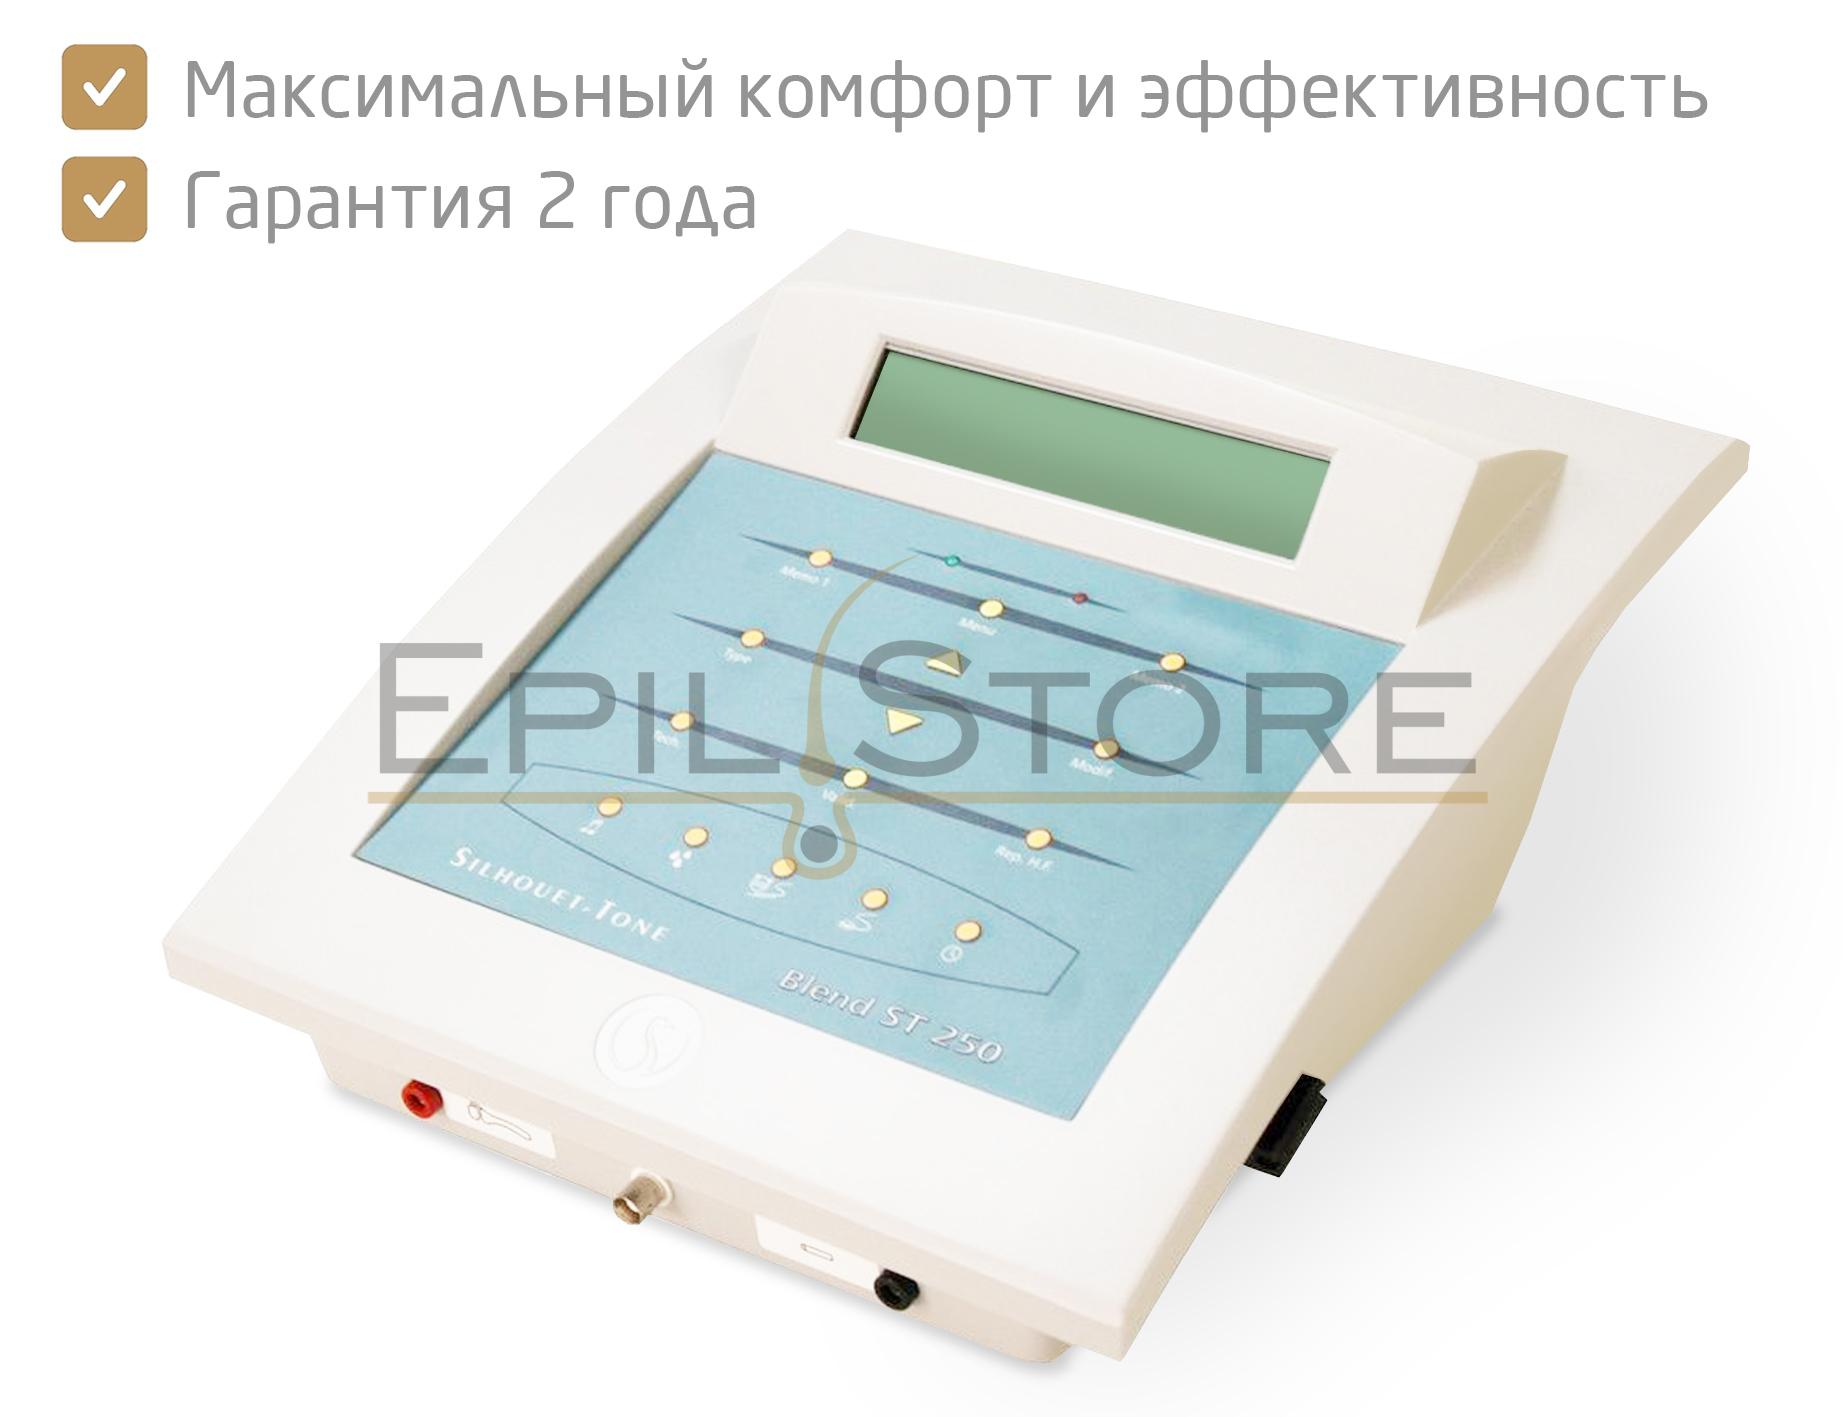 Эпилятор ST250